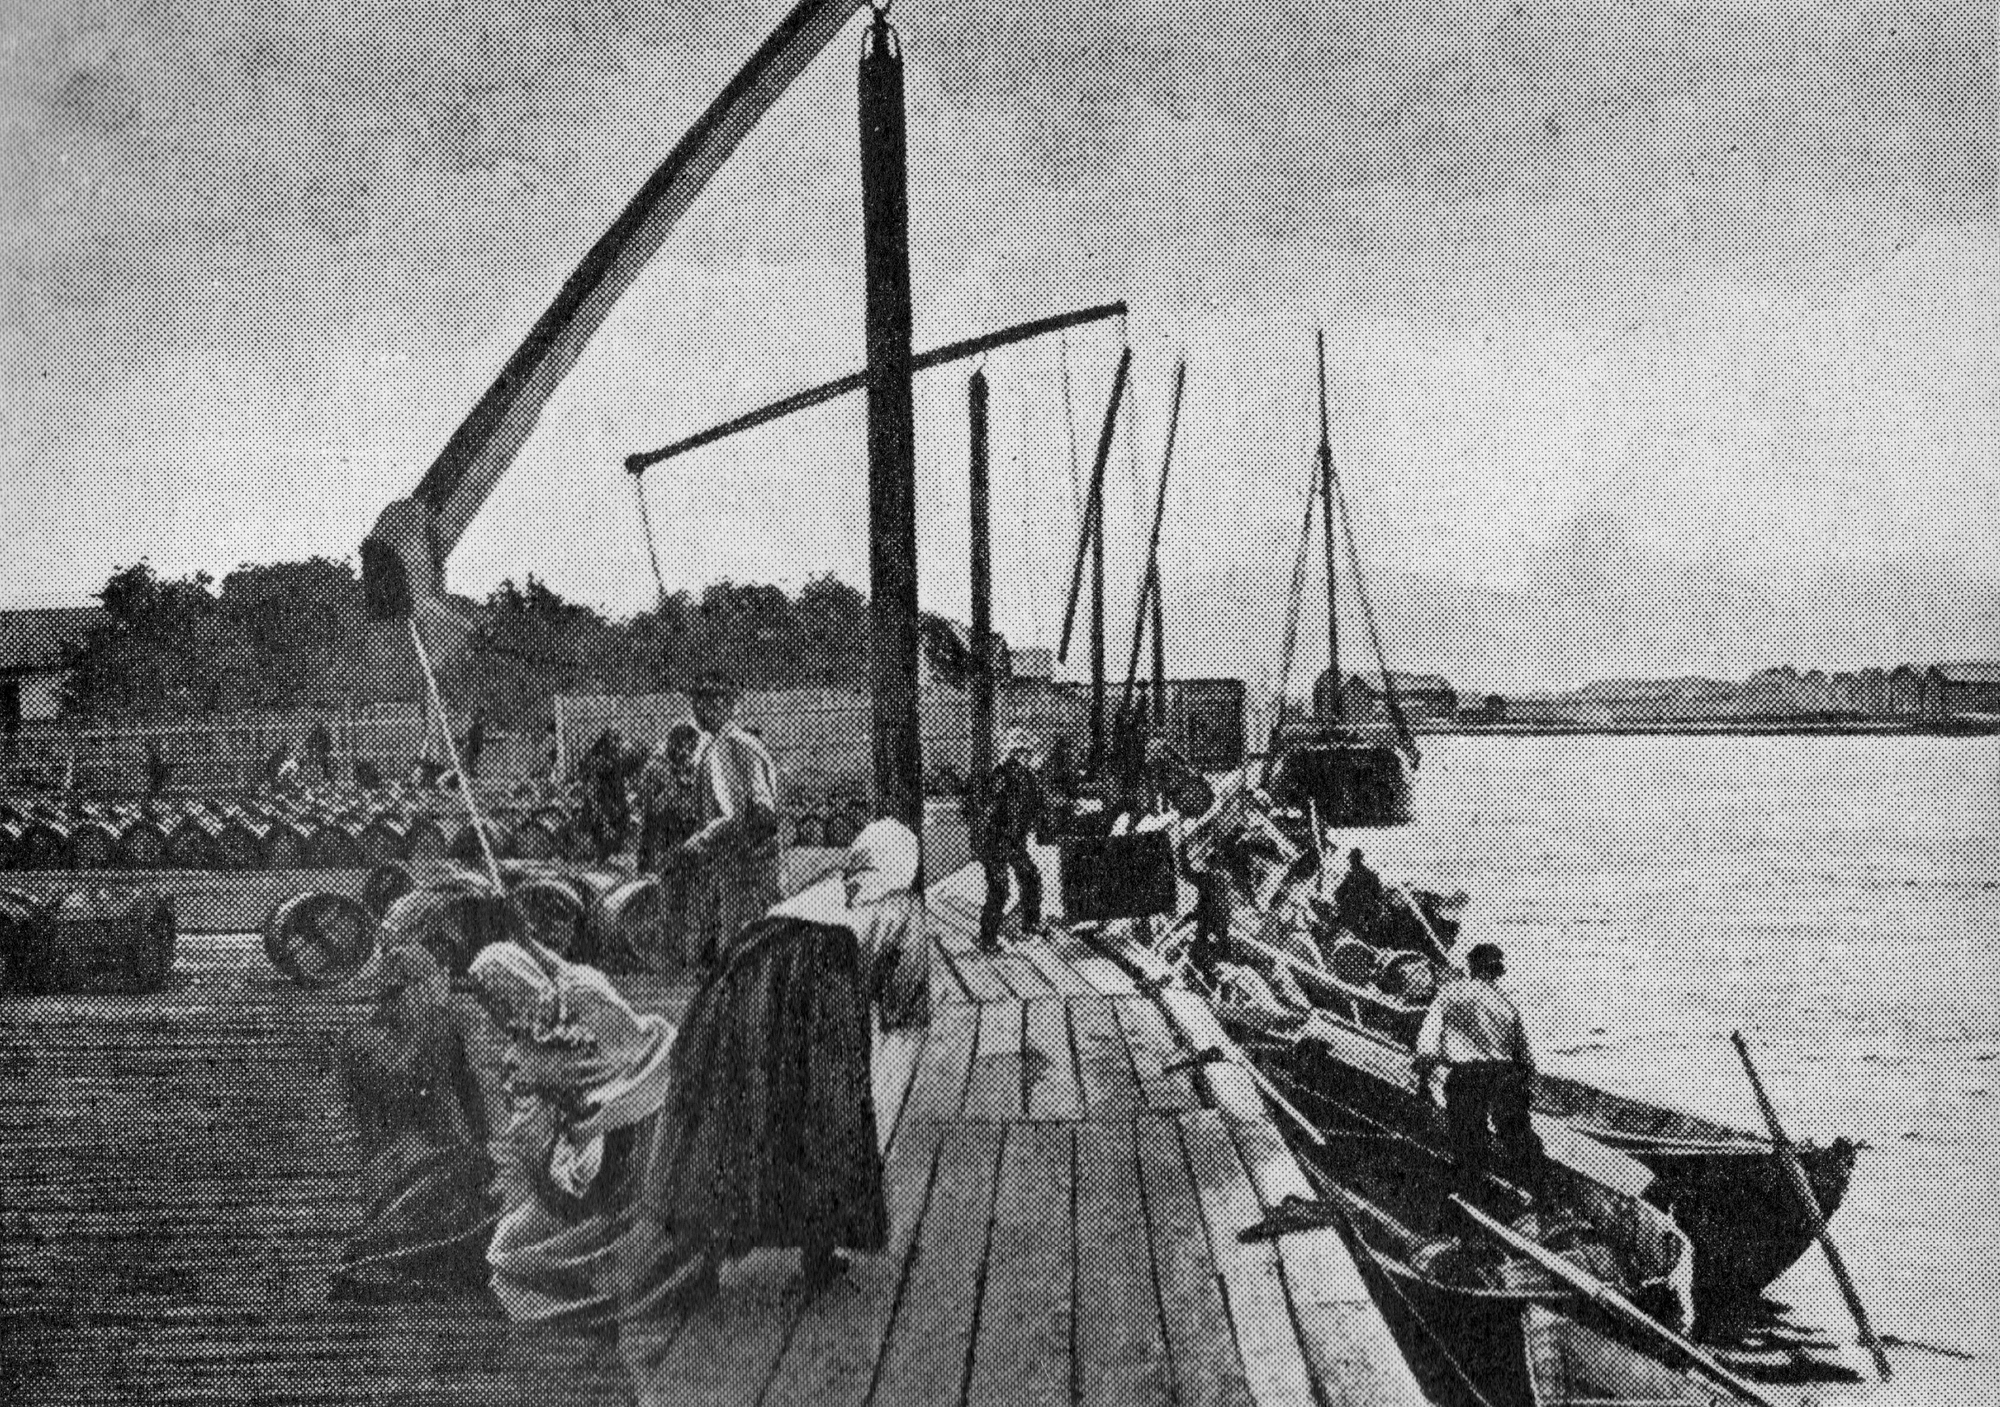 Porto de Oulu antes de ser destruído por um incêndio em 1901. Fotogravura baseada em imagem de I. K. Inha.